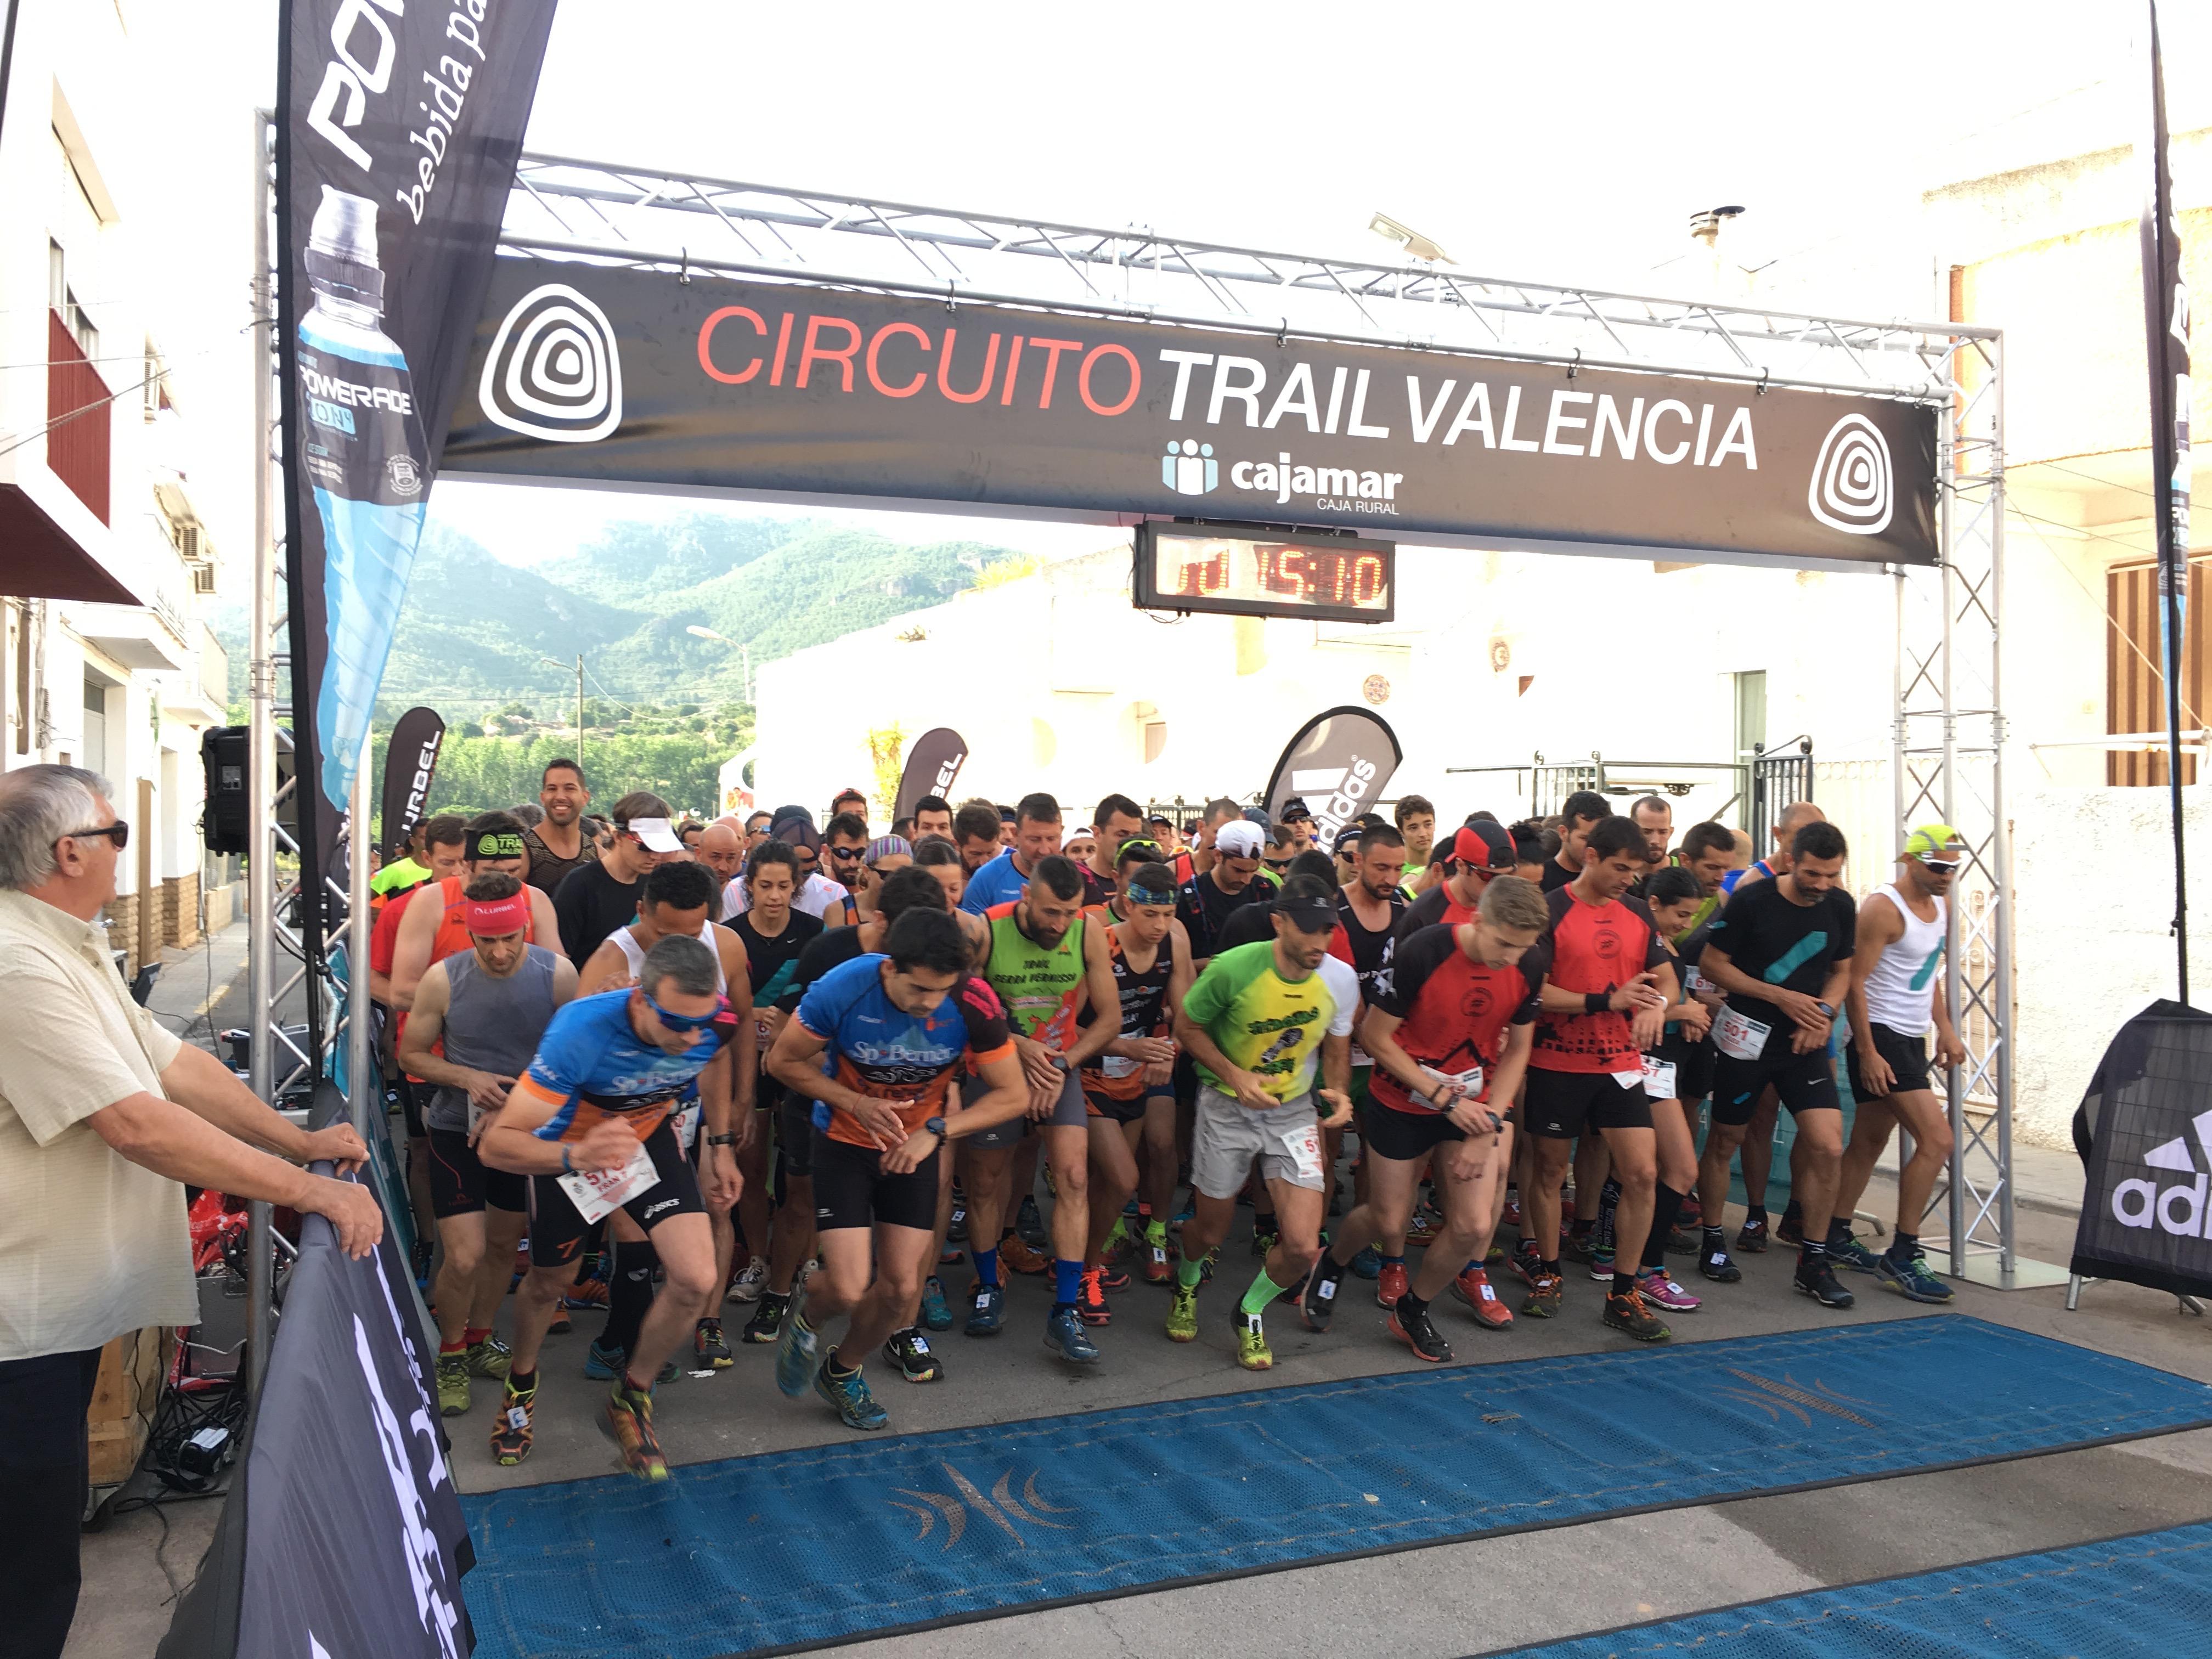 Los ganadores en la modalidad de sprinttrail han sido Cristian Álvarez y Sara Pérez, mientras que en trail la victoria se la han llevado Vanessa Benavent y Rafael Murcia.